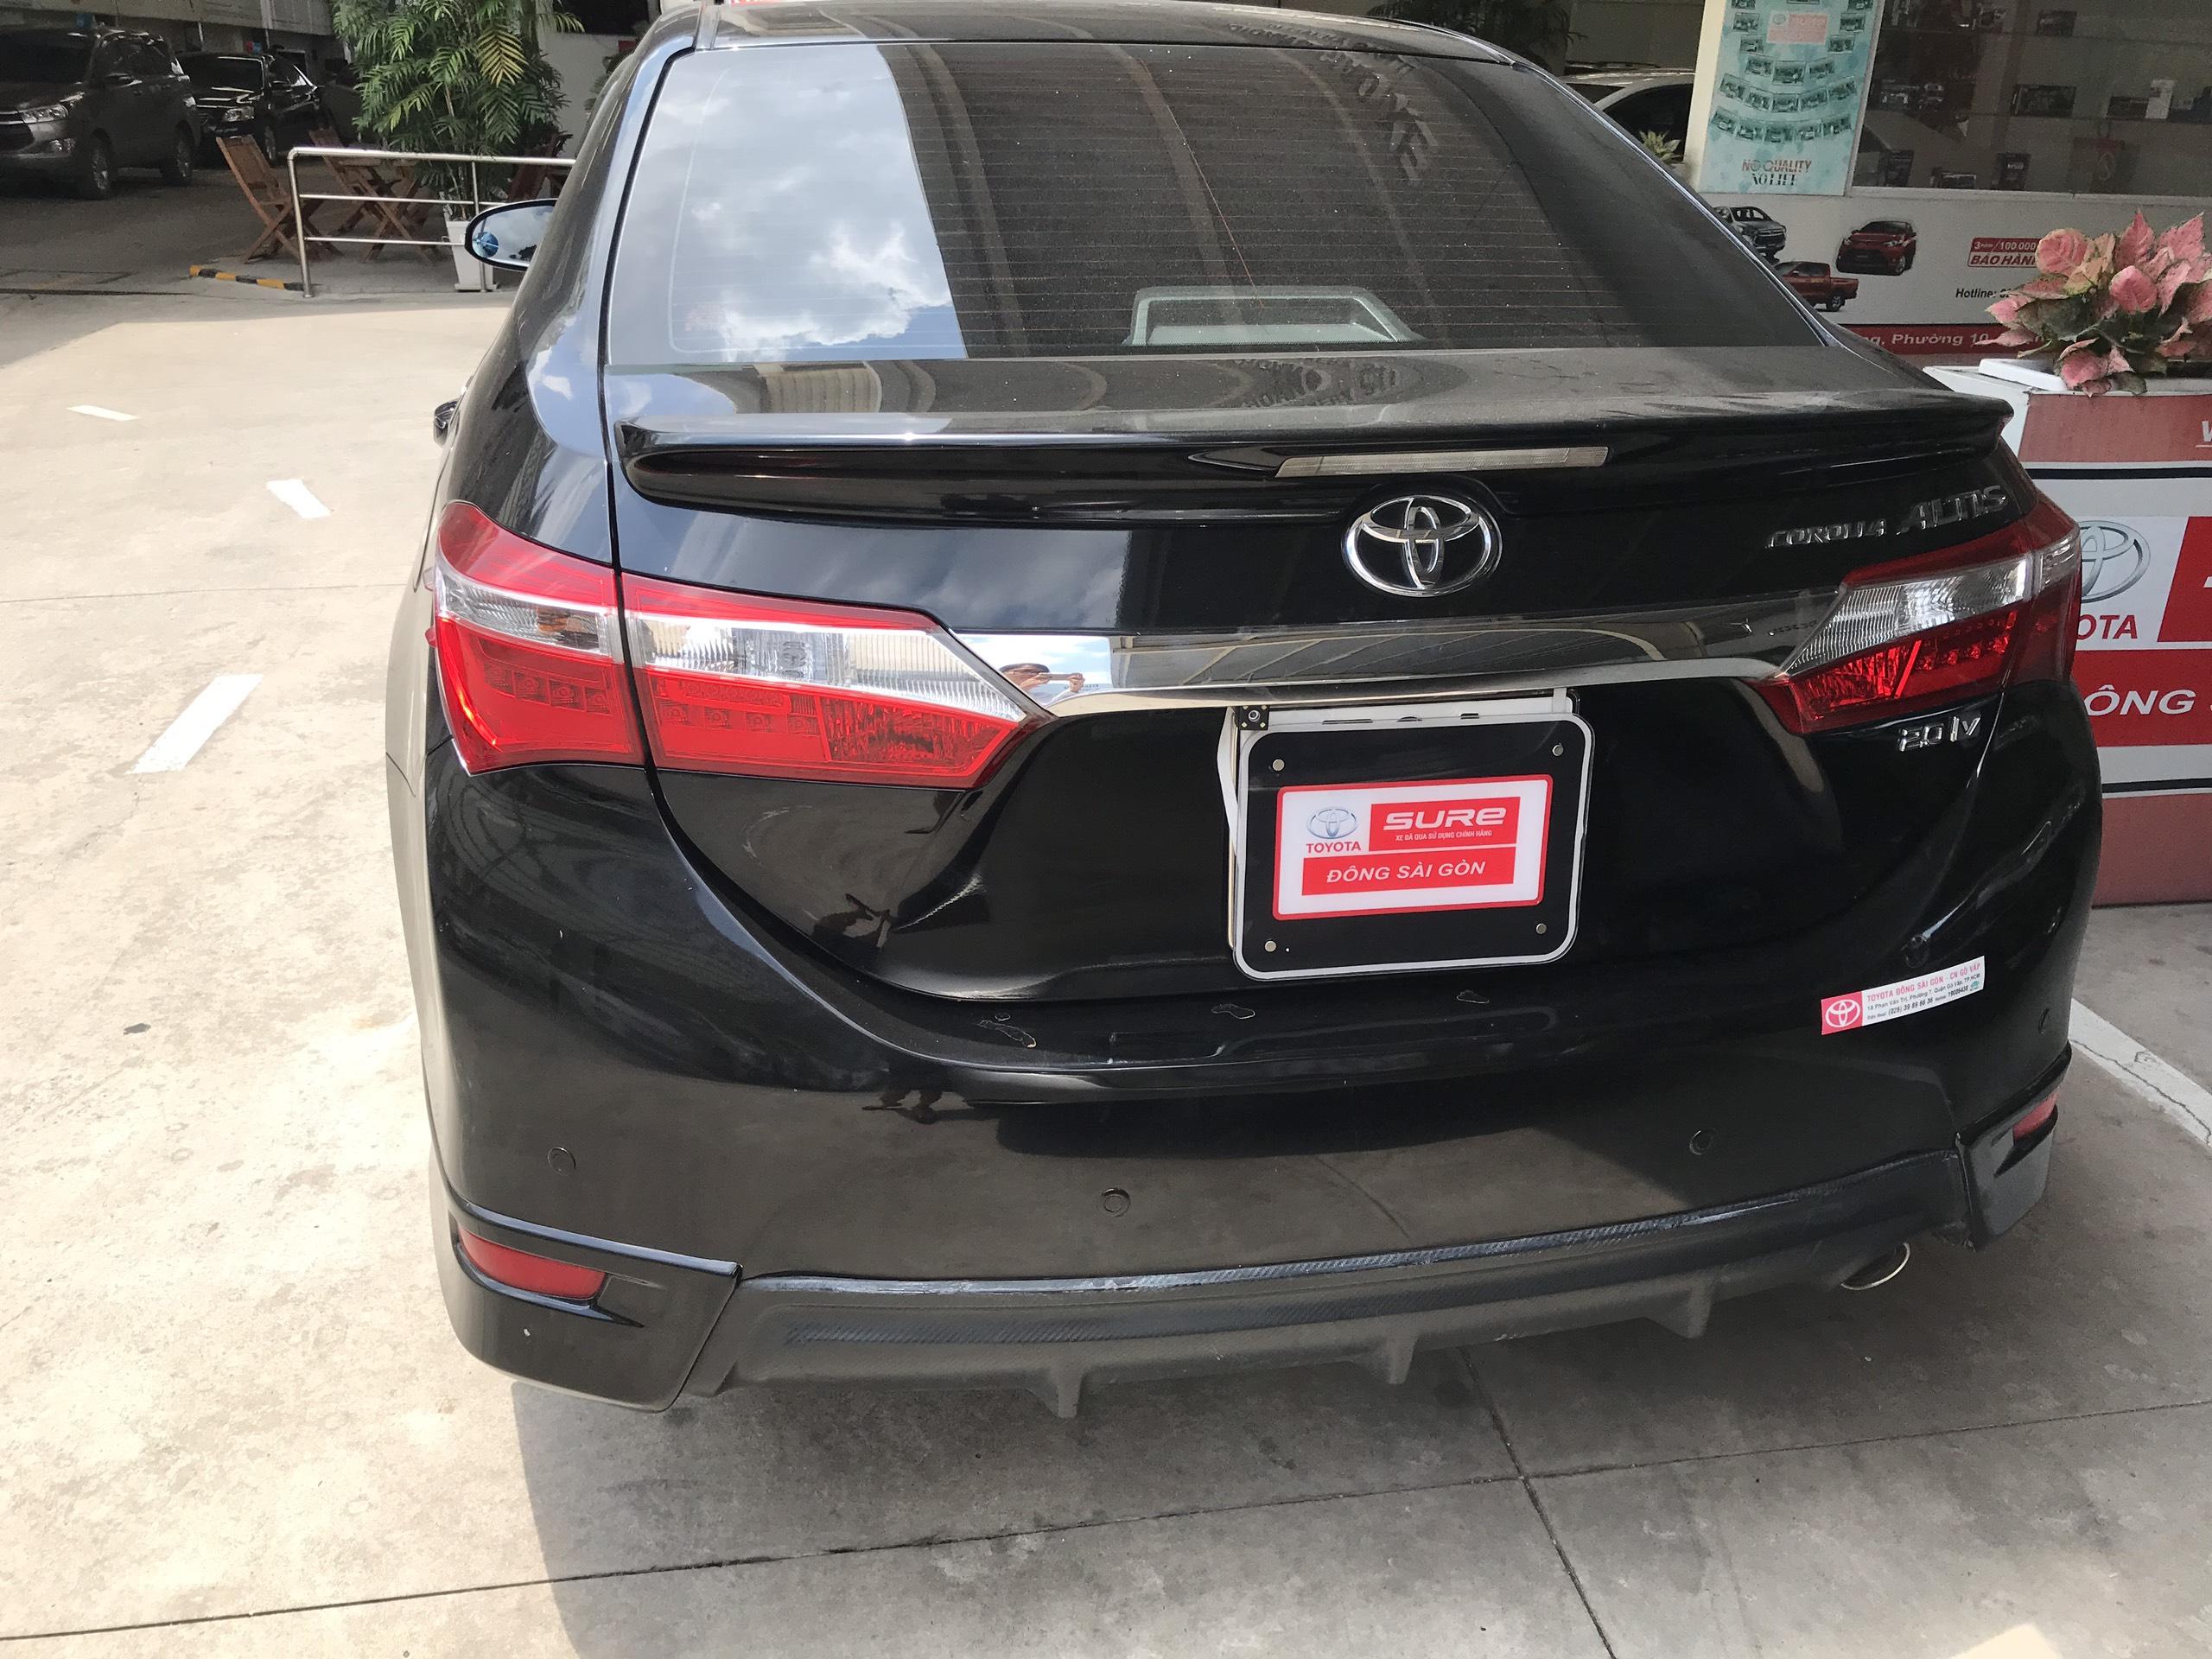 Bán xe Altis 2.0V đời 2016, màu đen  Odo 38370km , xe đẹp sang chảnh, có hỗ tợ trả góp , đặc gạch nhanh ạ